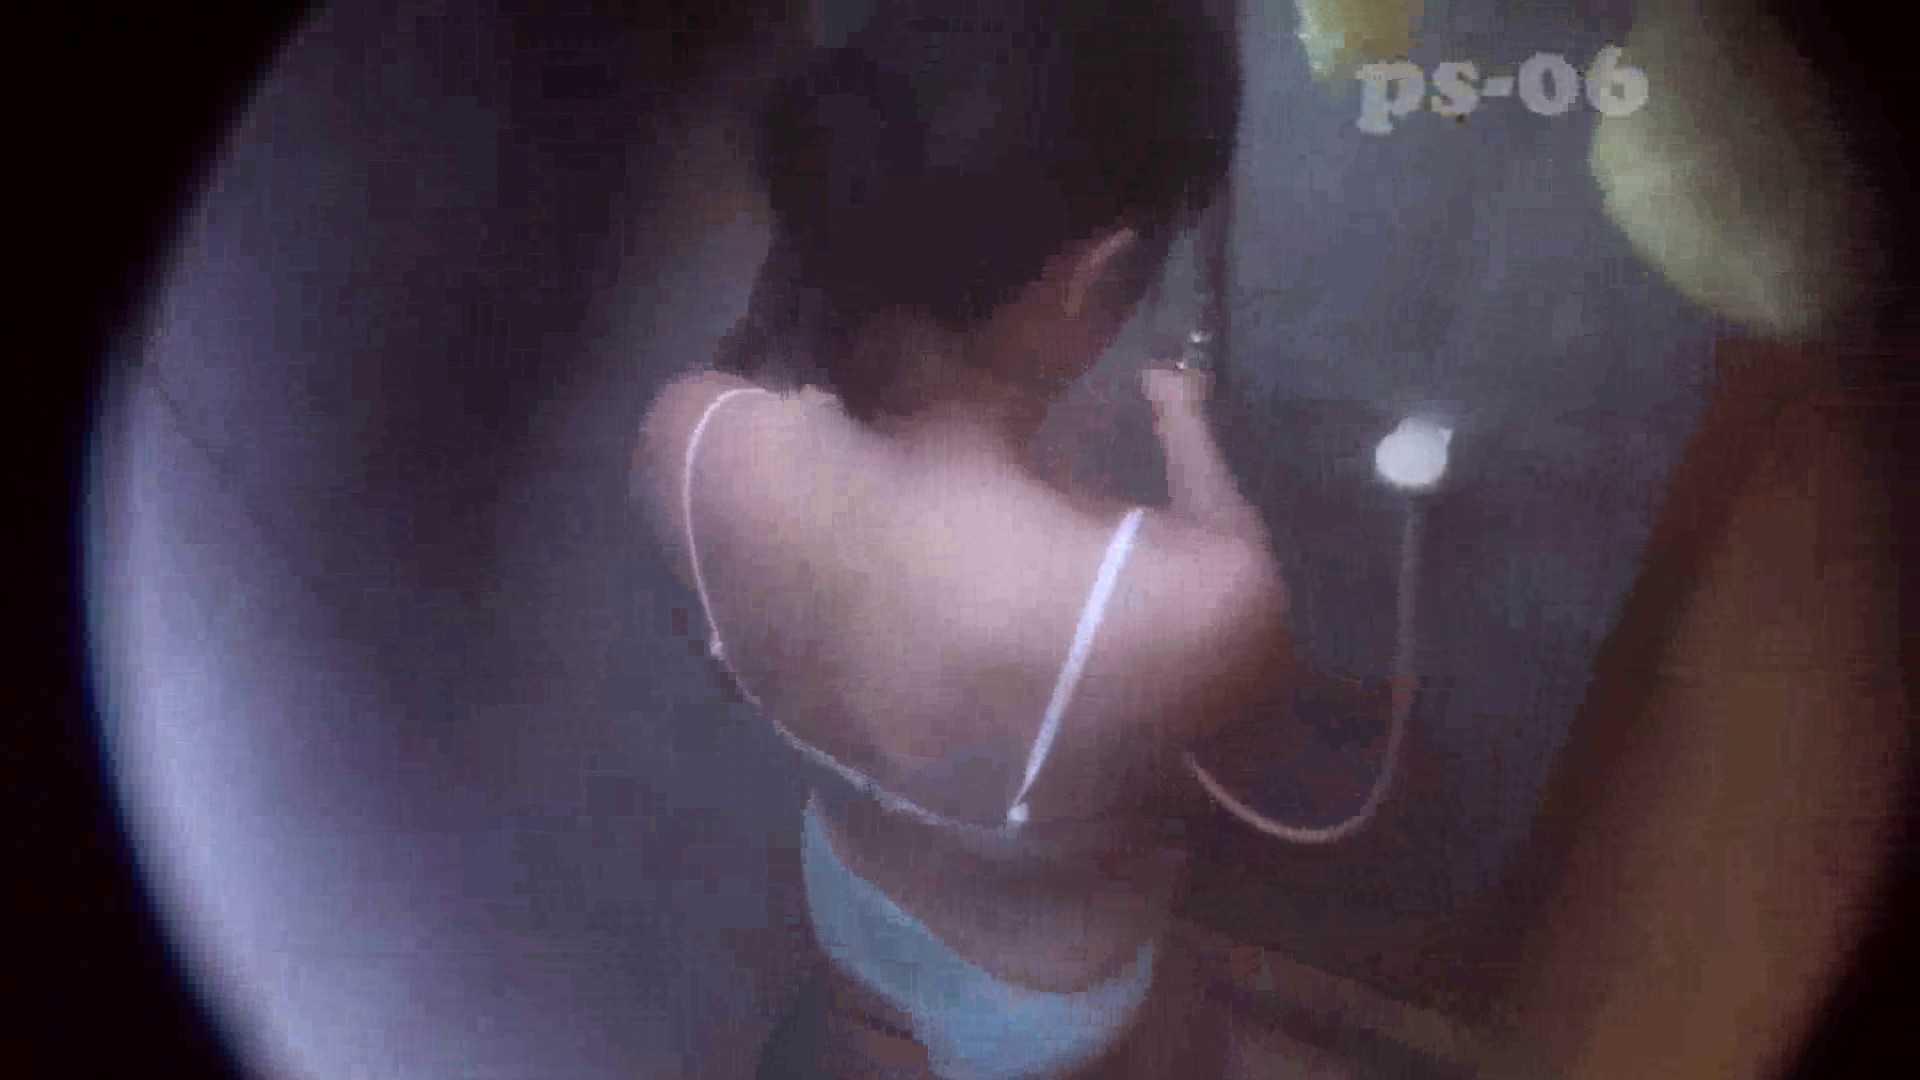 エッチ 熟女 シャワールームは危険な香りVol.6(ハイビジョンサンプル版) 怪盗ジョーカー